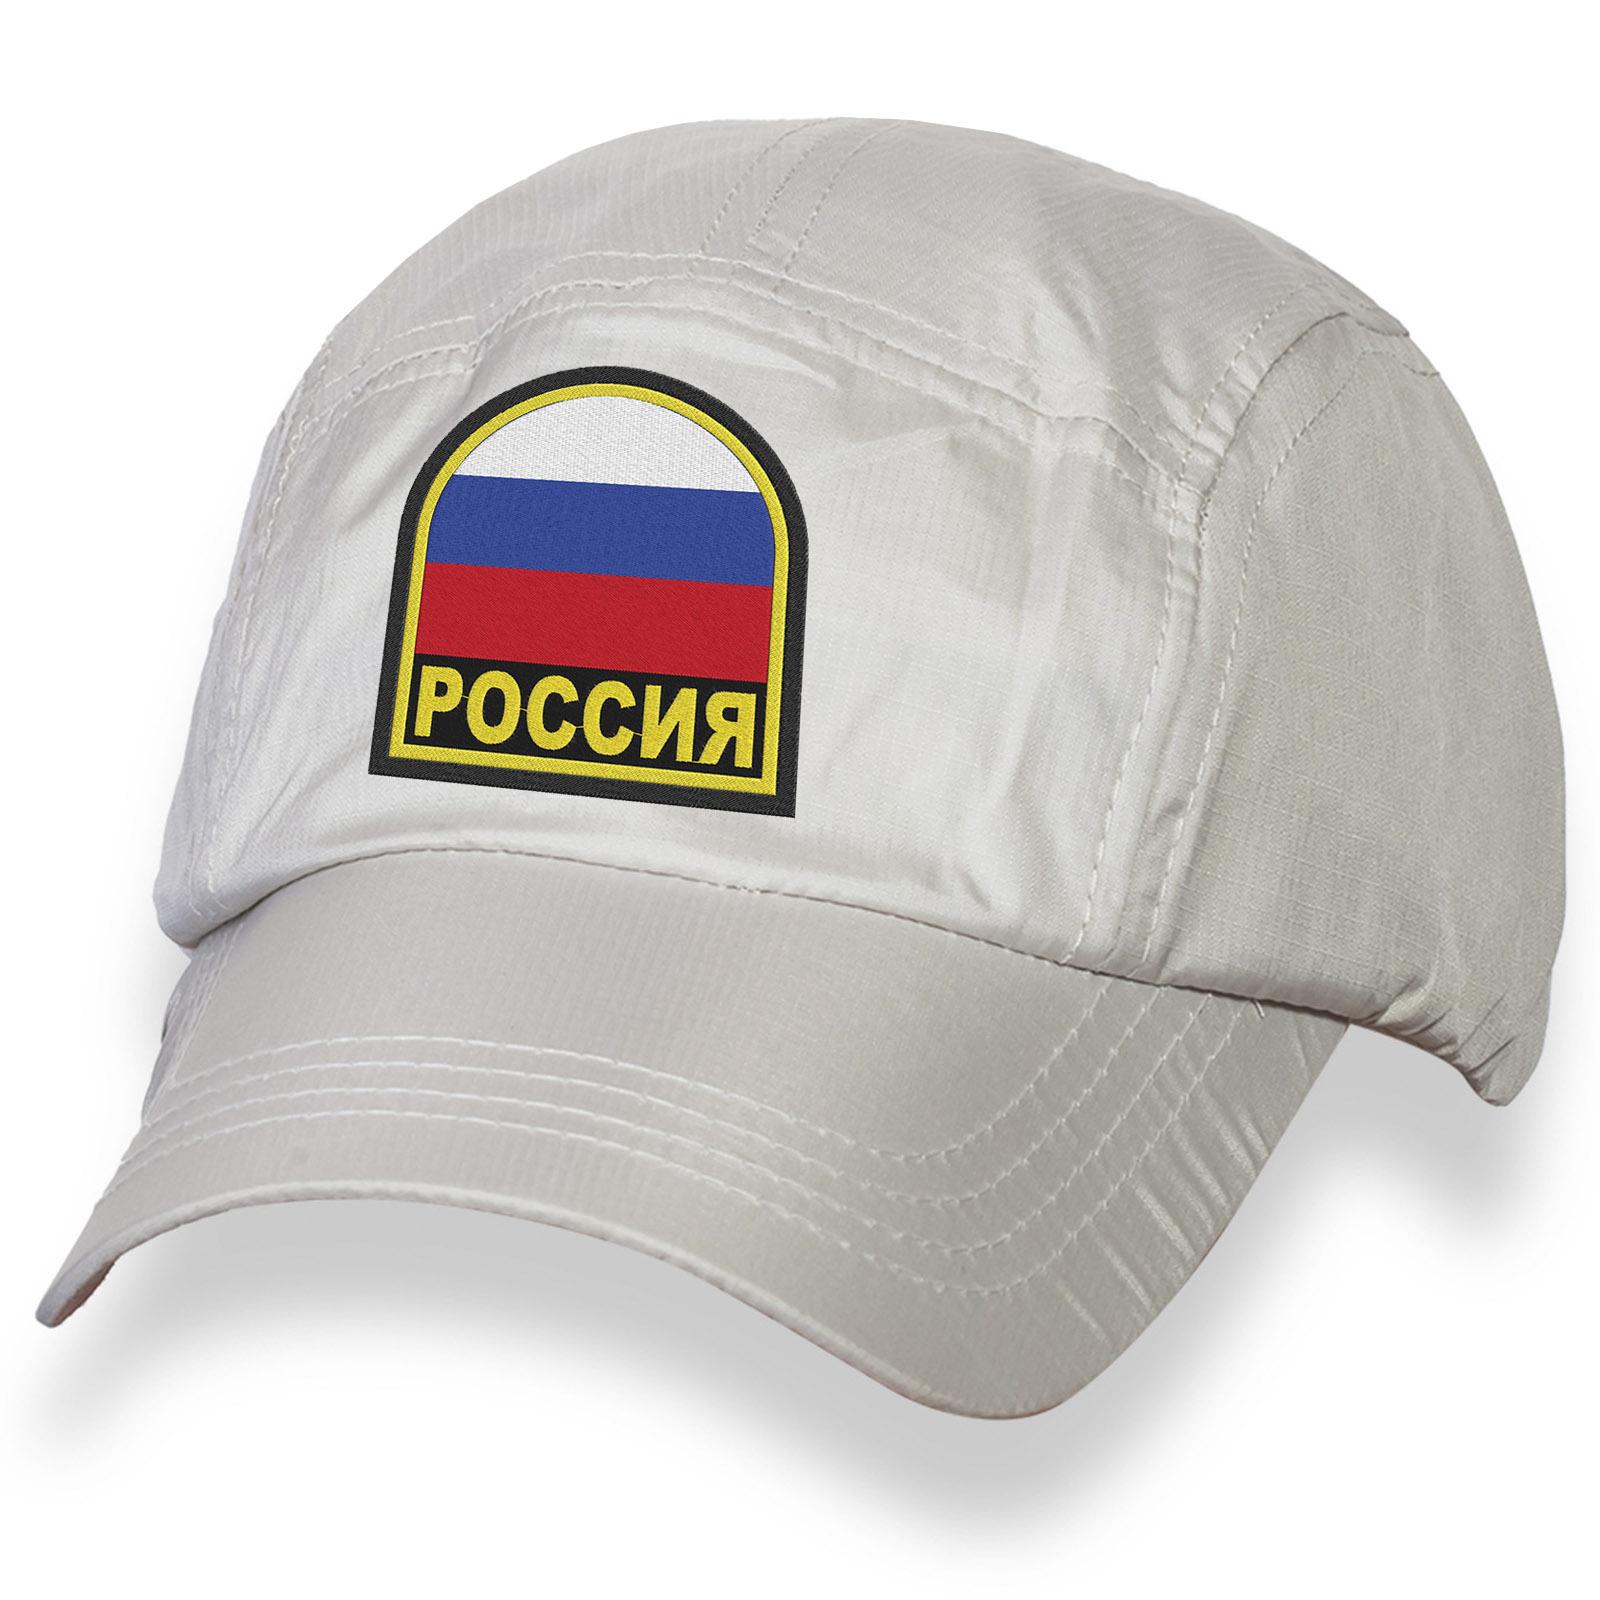 Летняя белая бейсболка с шевроном России.